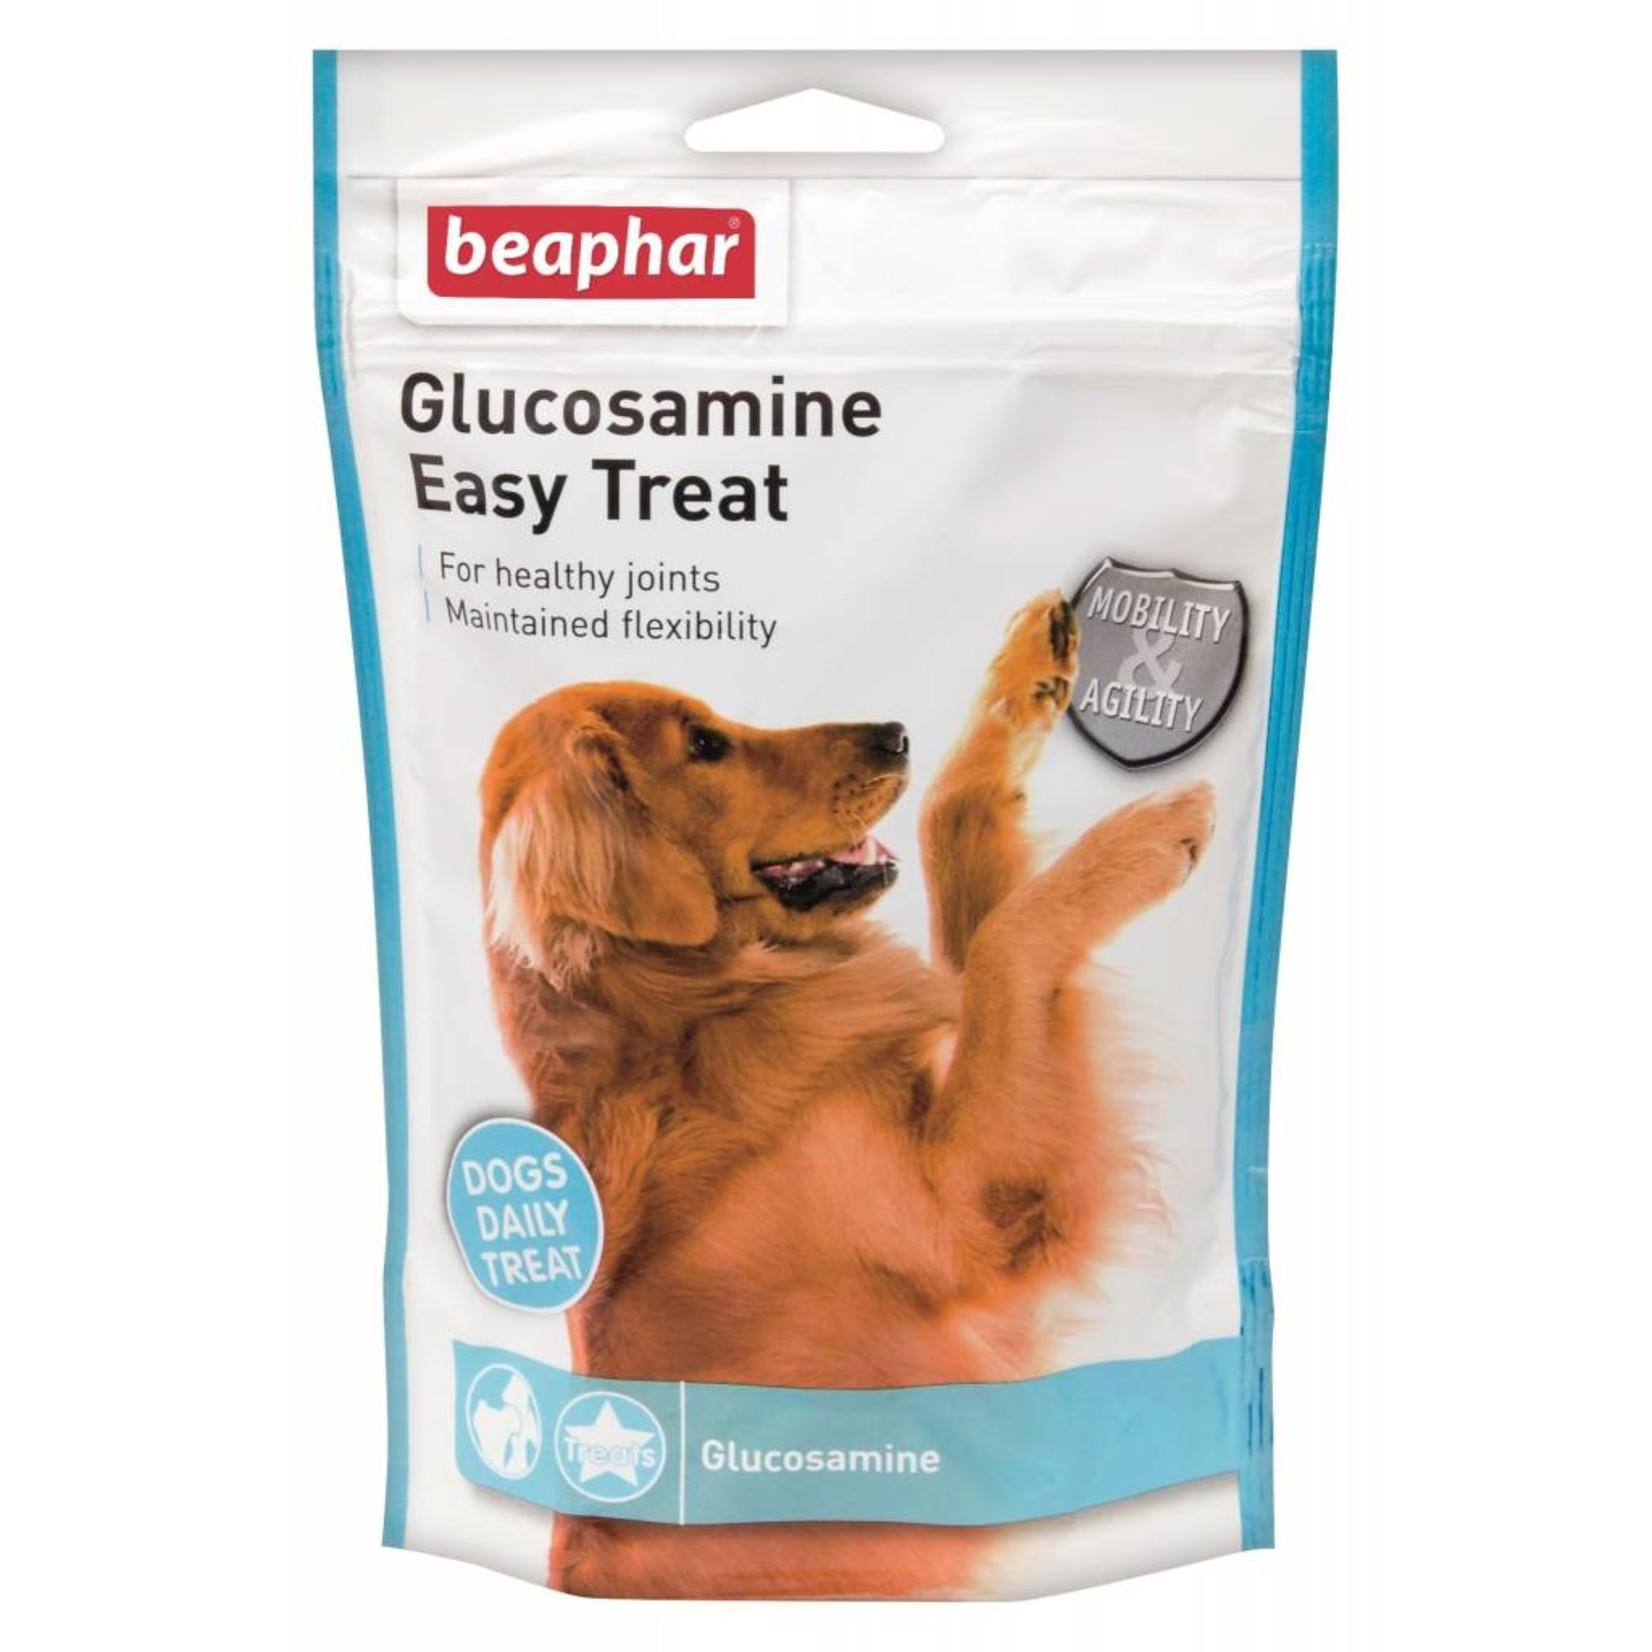 Beaphar Glucosamine Easy Treat